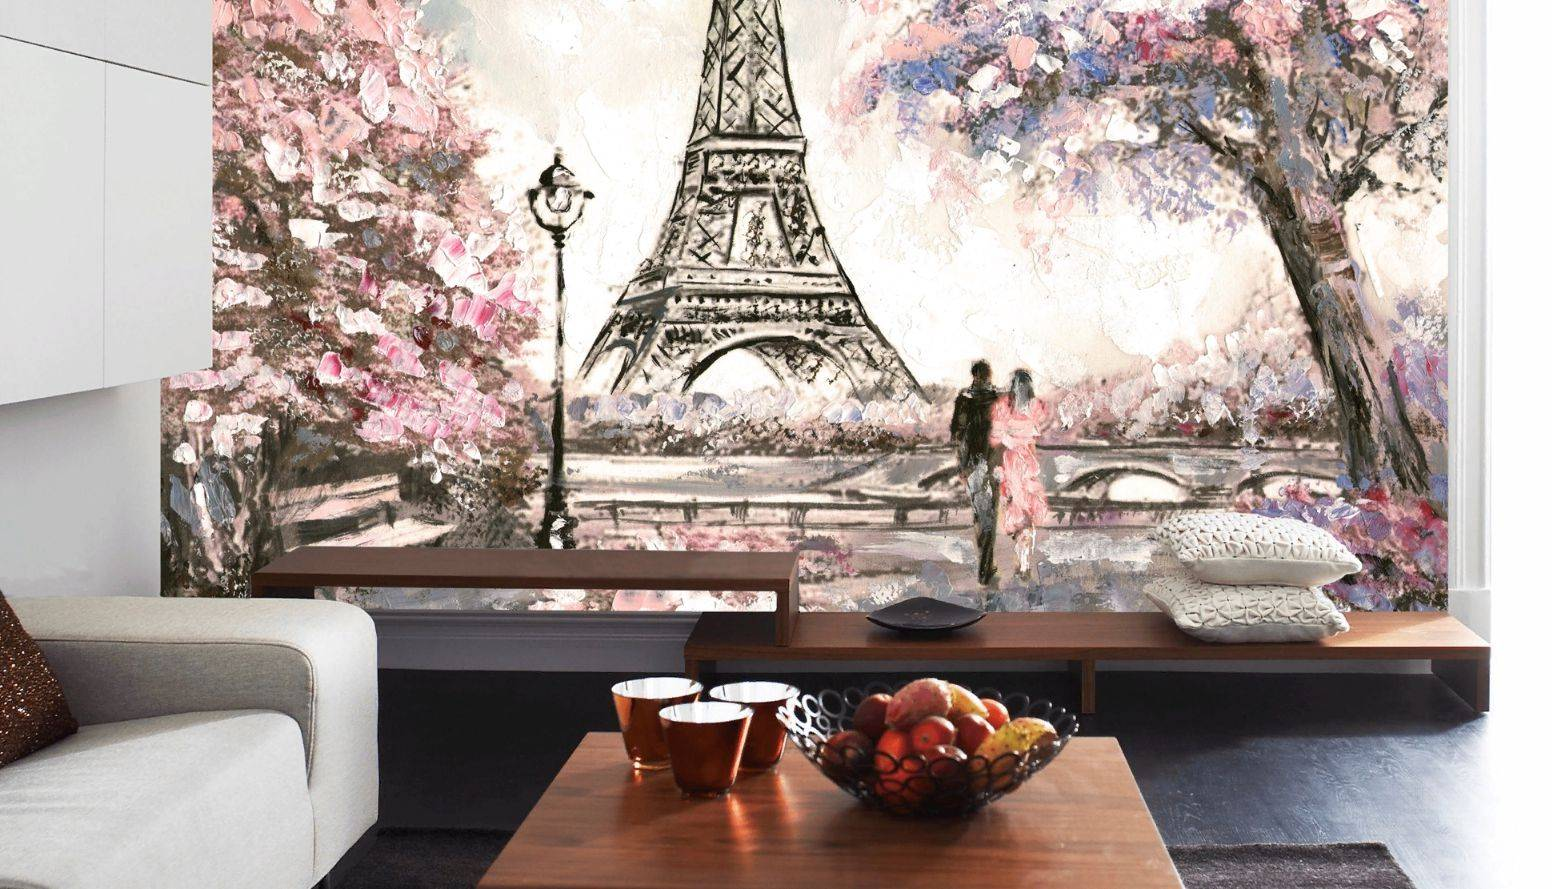 Обои для маленькой комнаты: выбор цвета, рисунка, расширяющие фотообои, комбинирование